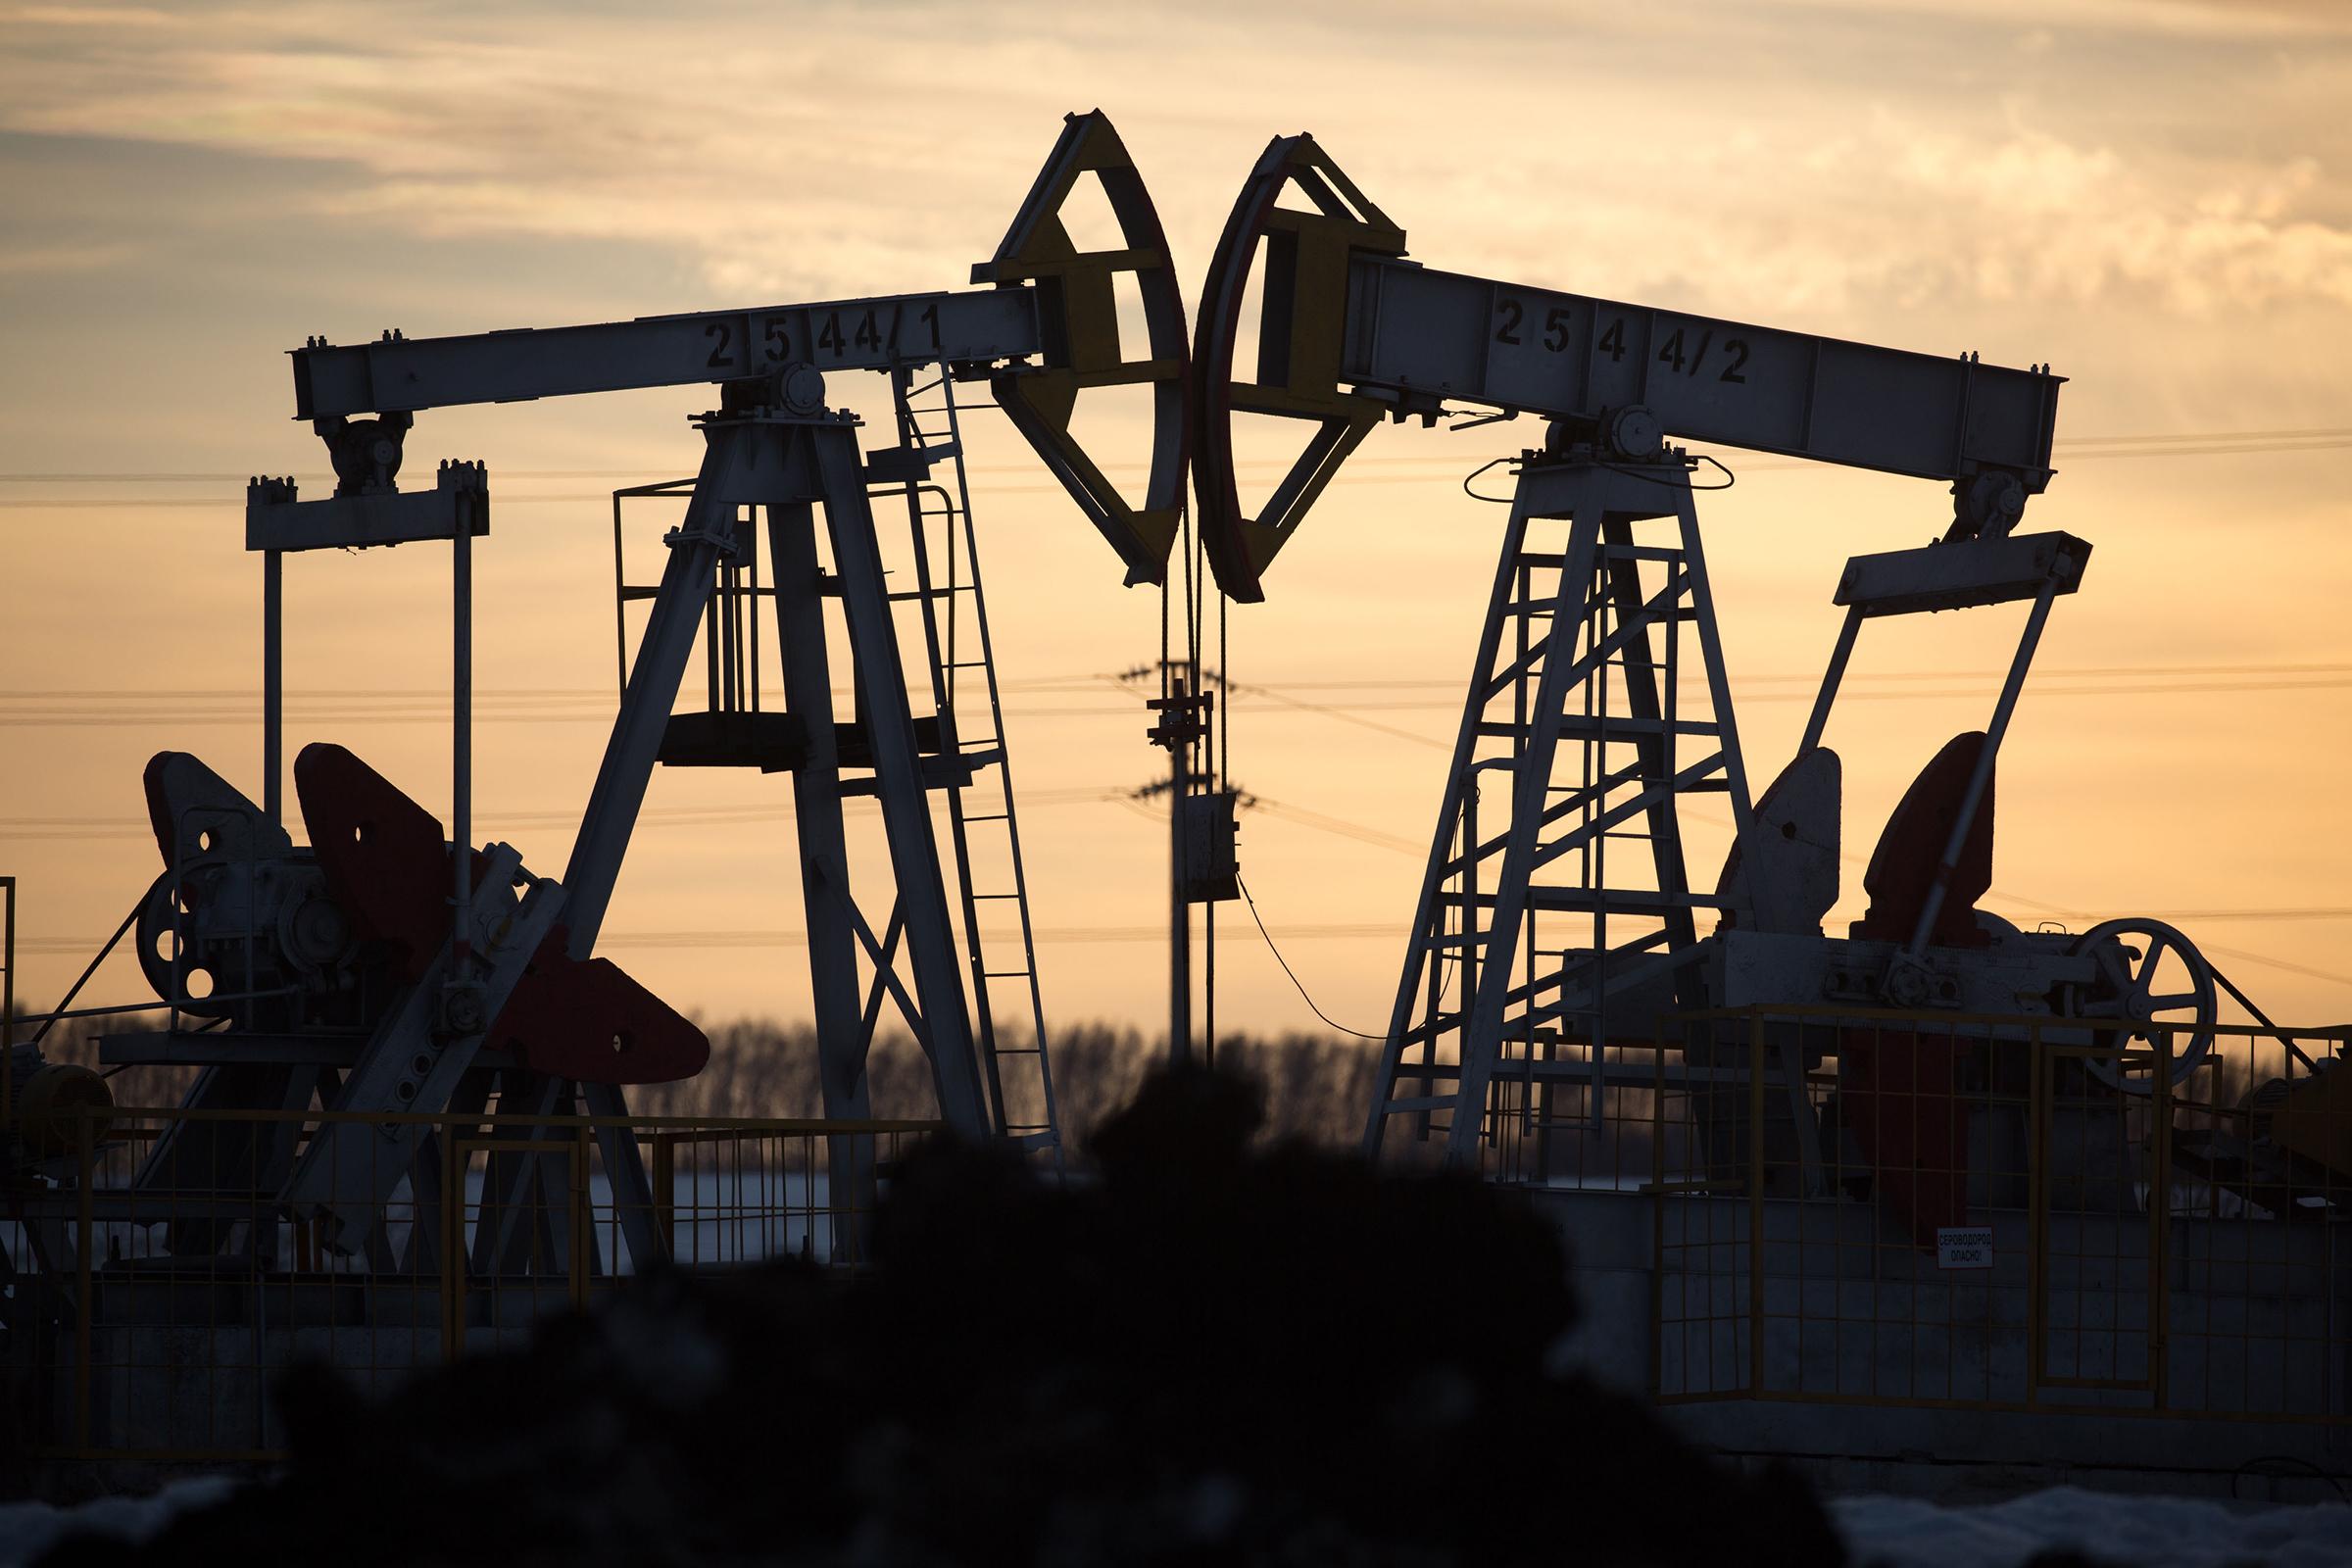 Oil pumping jacks, also known as  nodding donkeys , operate in an oilfield near Almetyevsk, Tatarstan, Russia, on March 11.